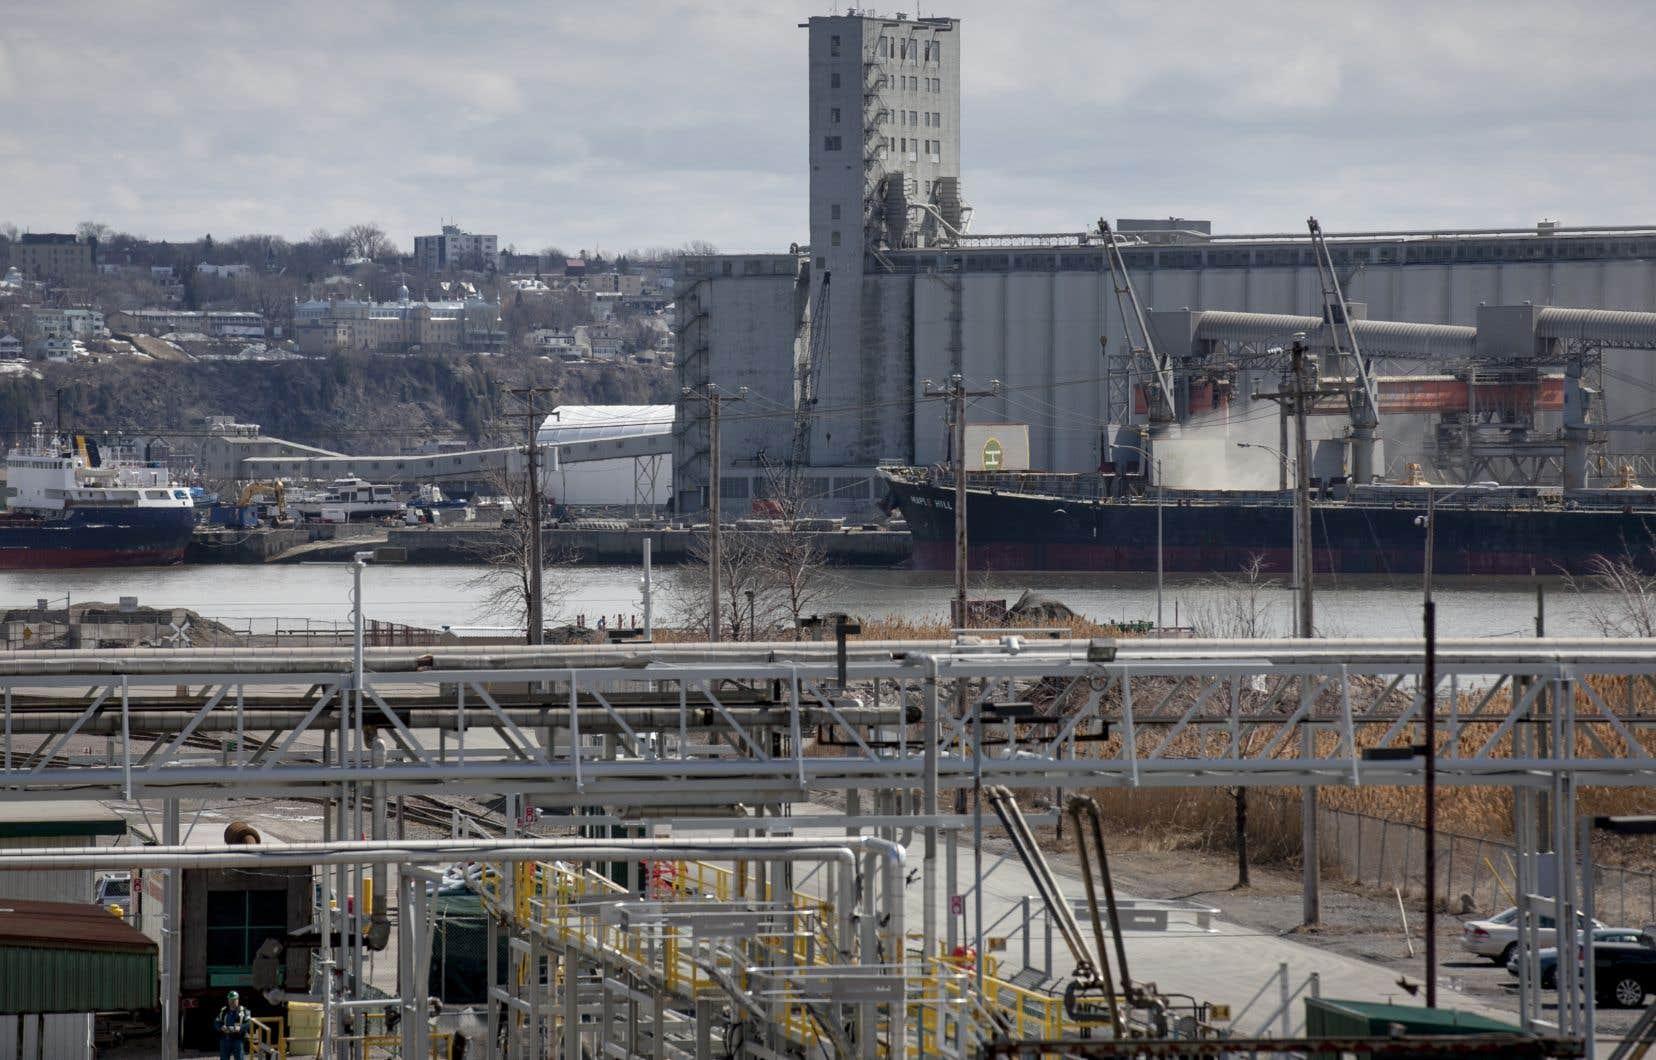 Le Port de Québec est actuellement visé par une action collective concernant les troubles et les inconvénients anormaux découlant de ses activités.